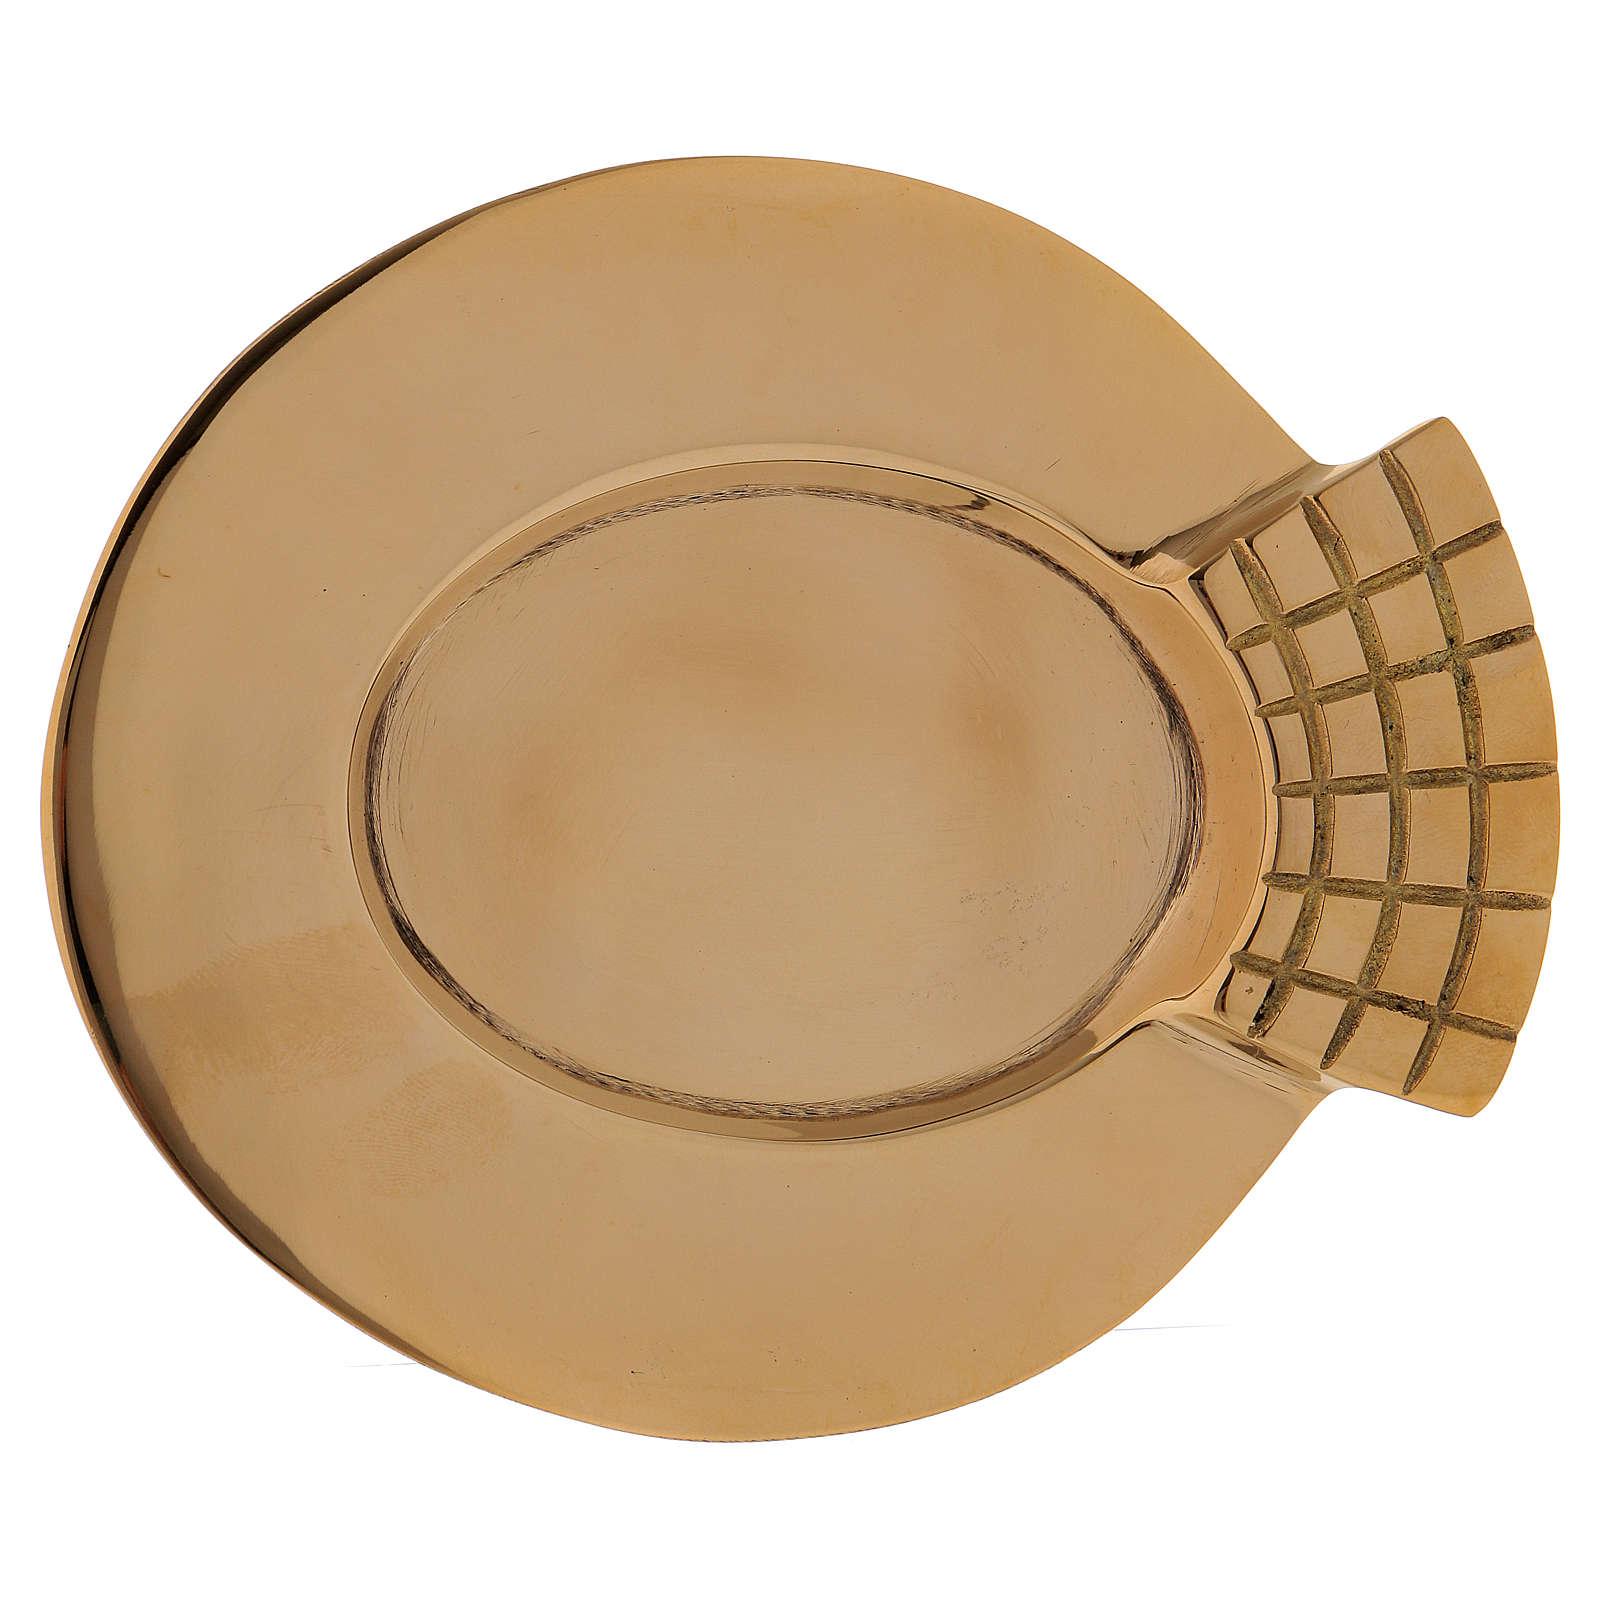 Portacandele ovale con decorazione sul bordo ottone dorato 4